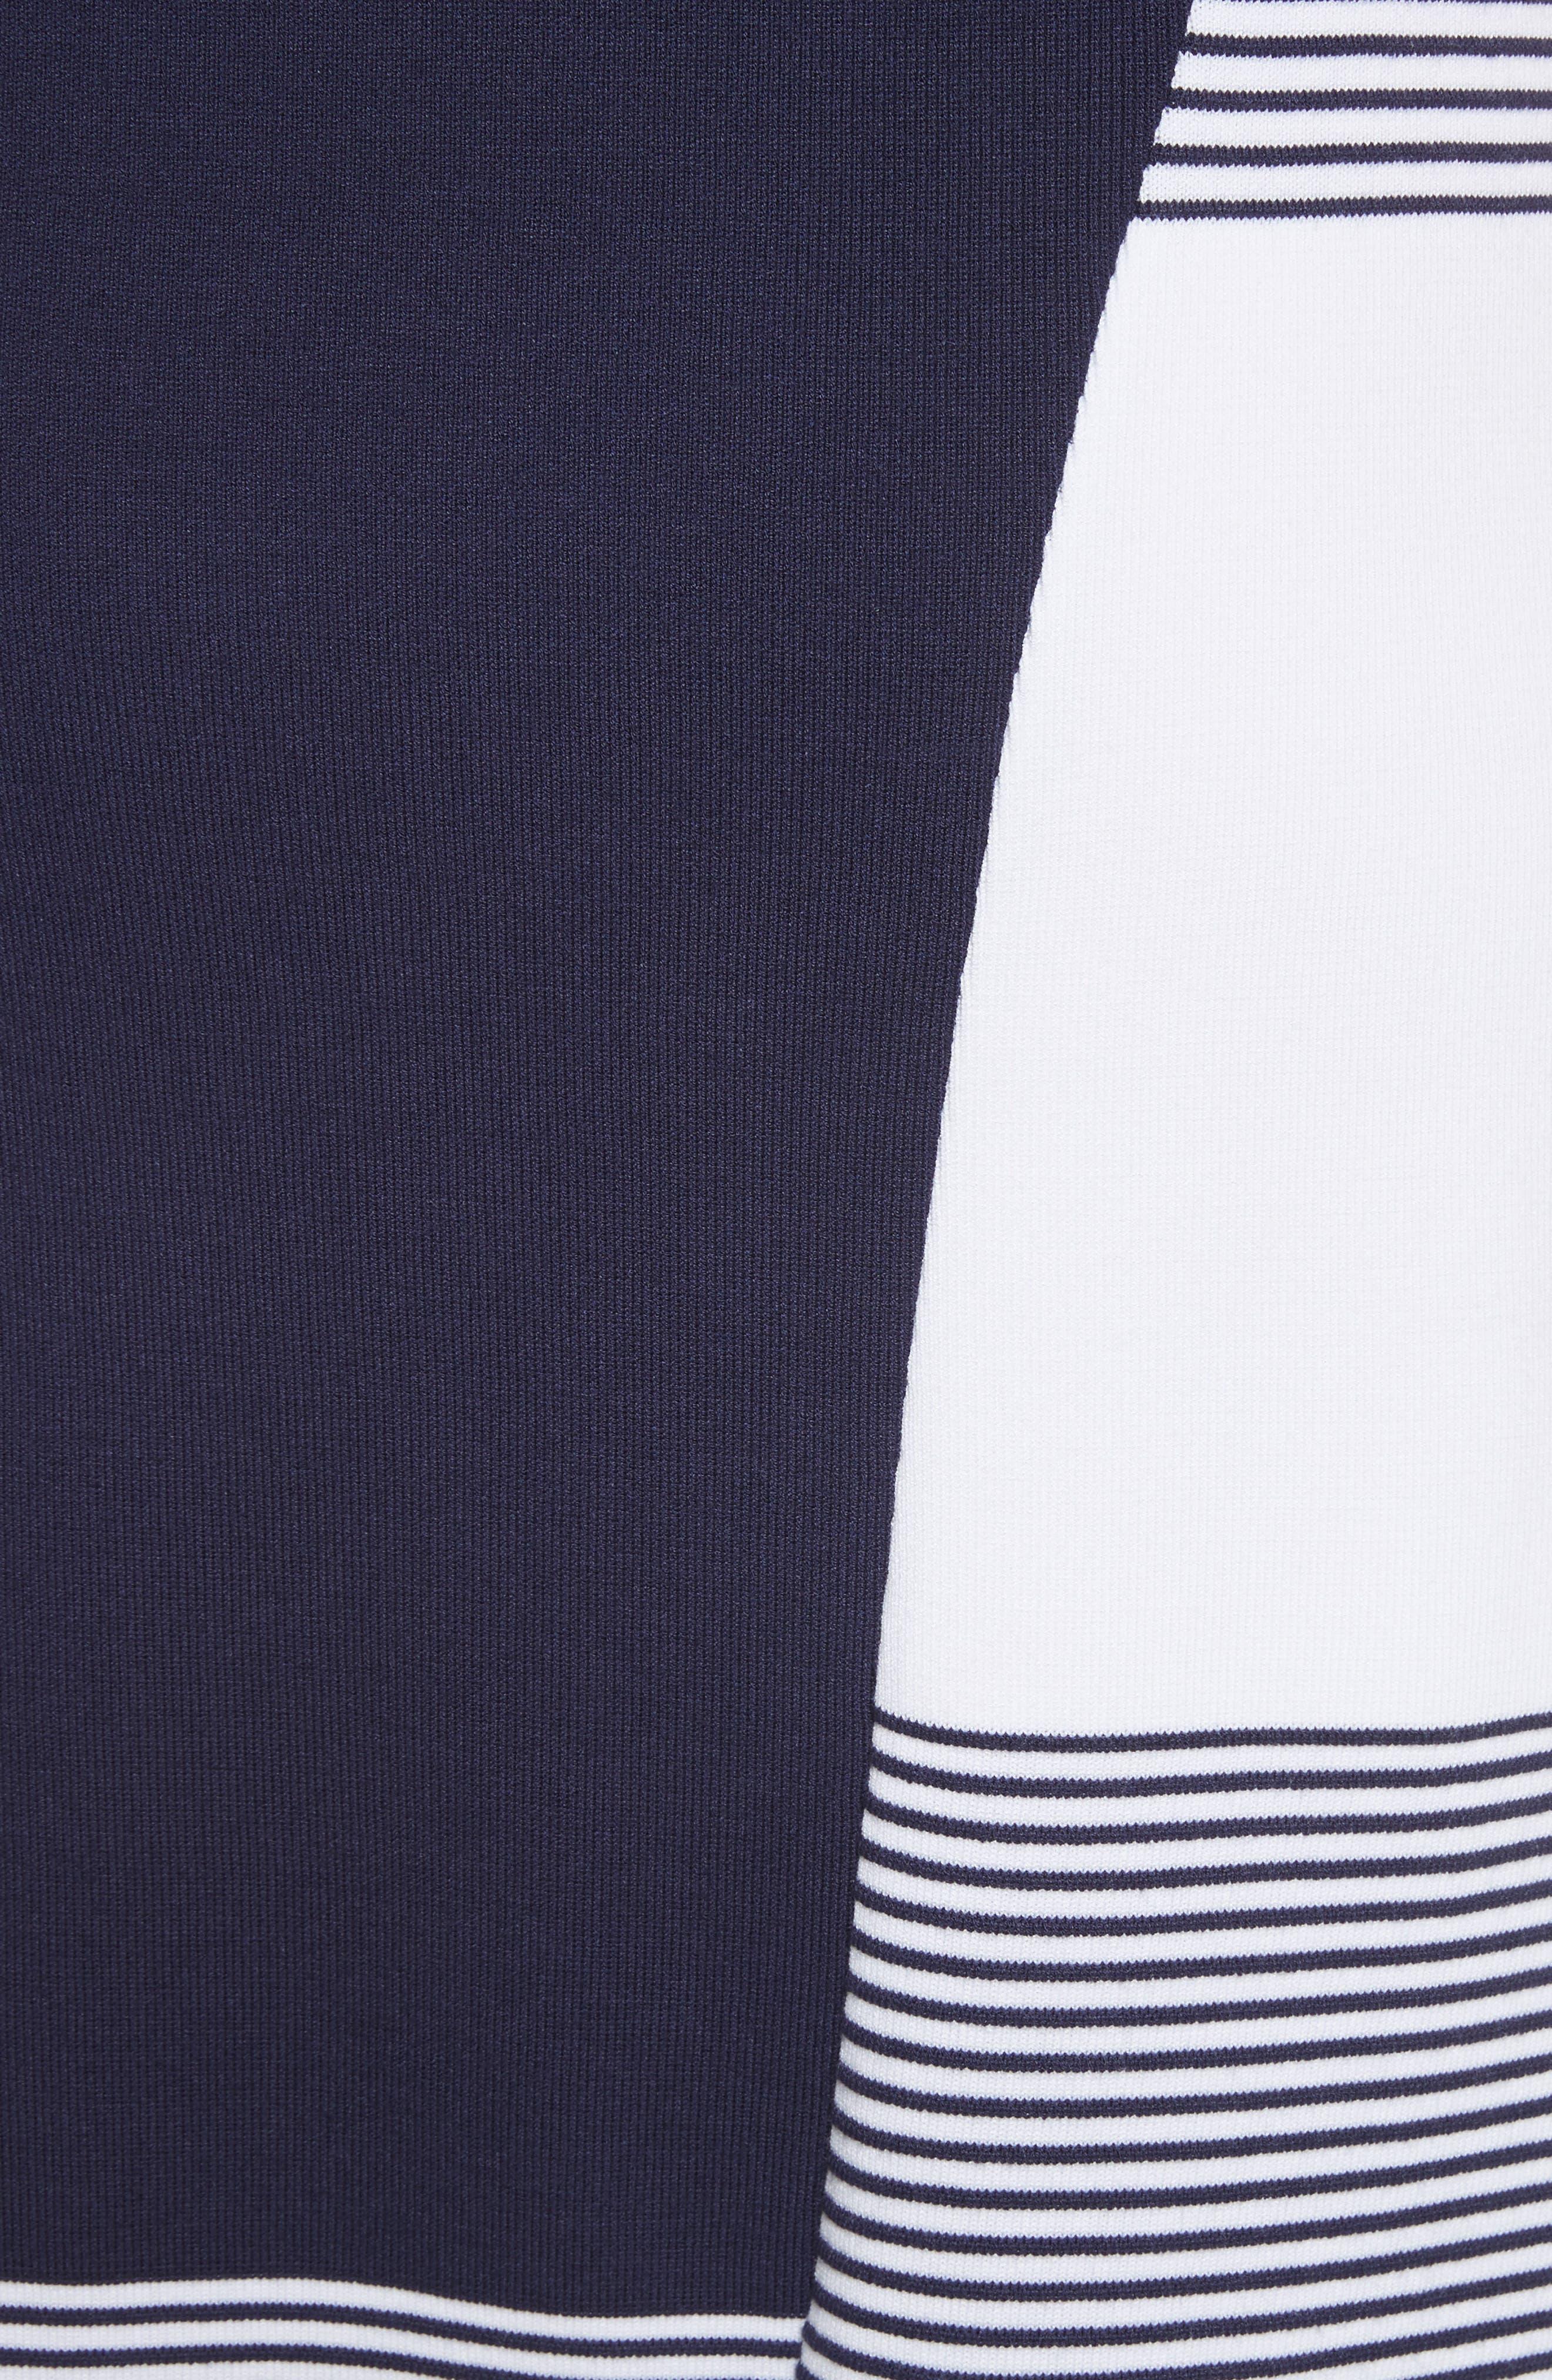 Colorblock Tech Knit Dress,                             Alternate thumbnail 5, color,                             100